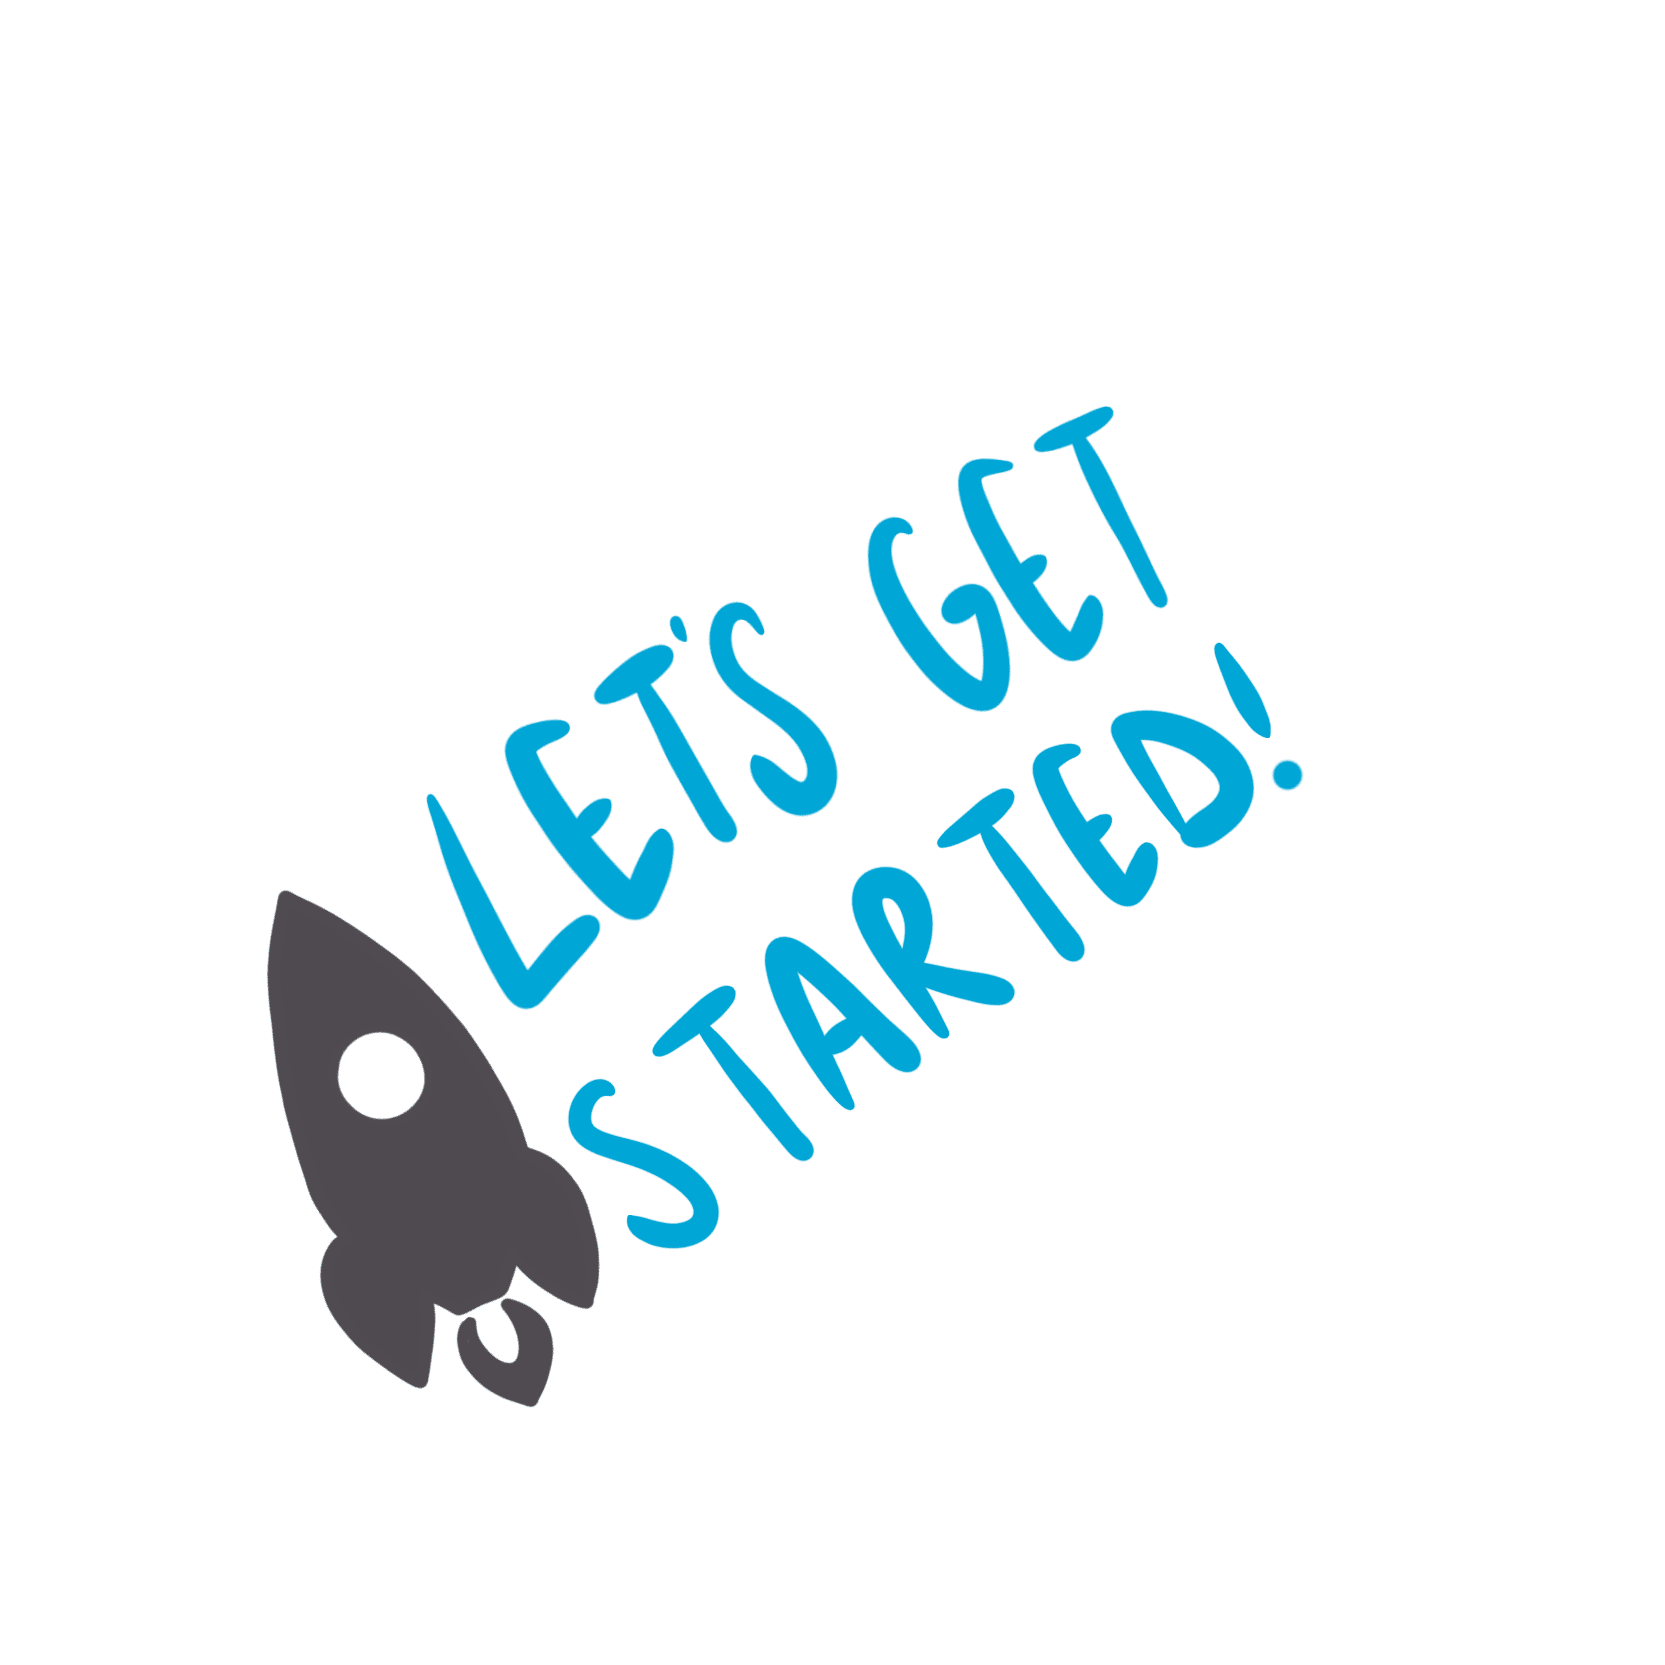 een raket met daarnaast de tekst: let's get started!